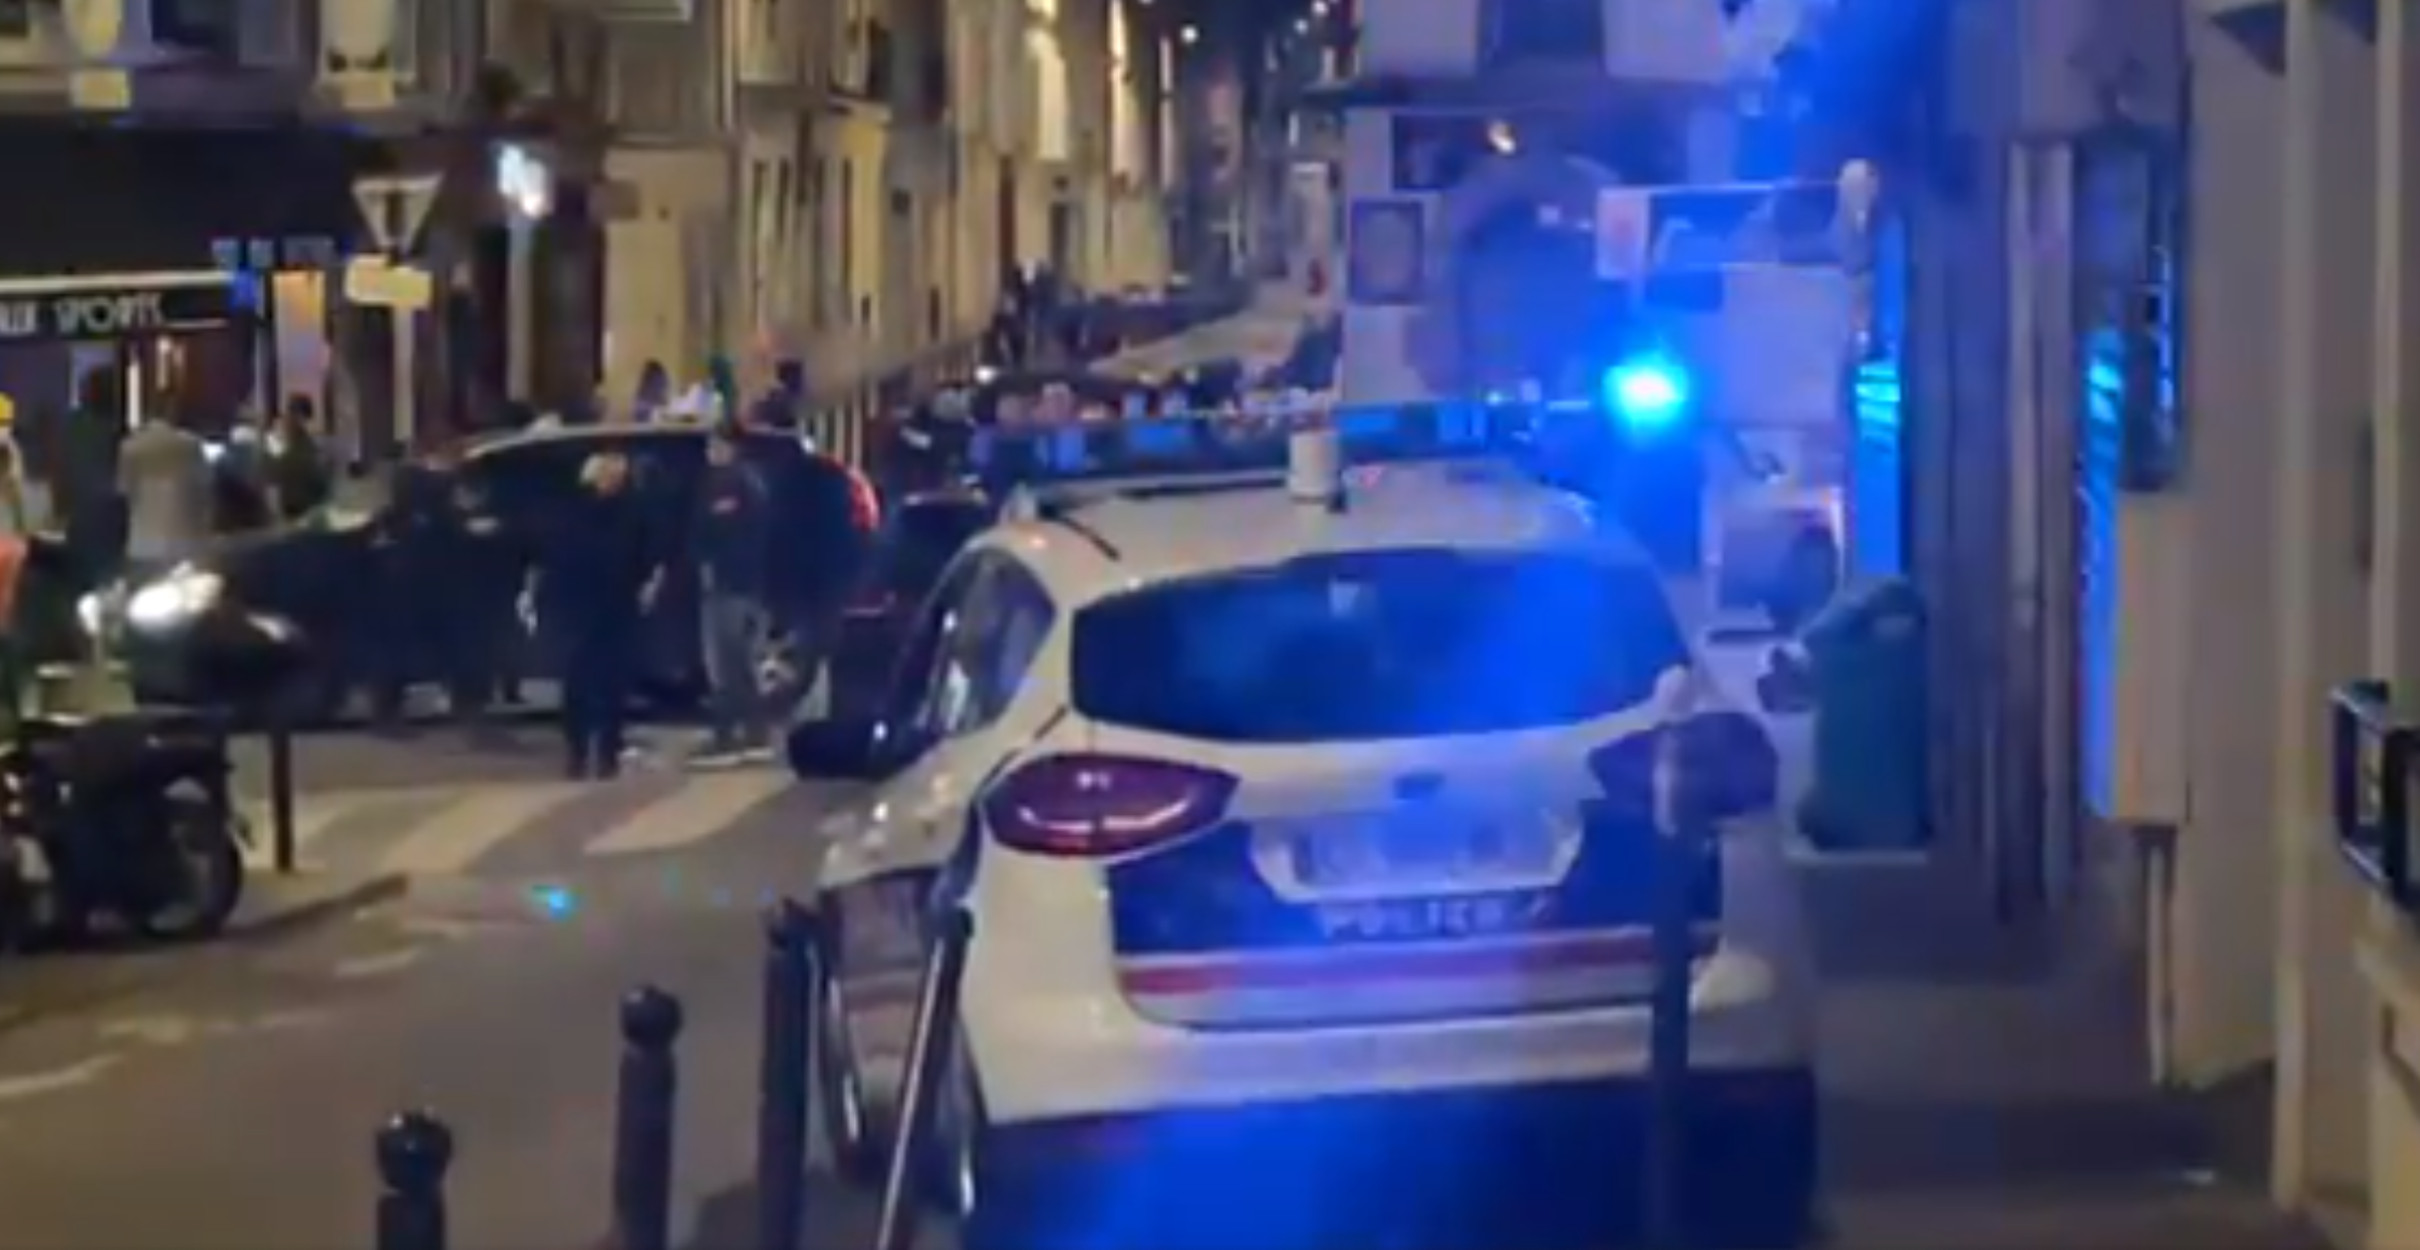 Παρίσι: Αυτοκίνητο έπεσε πάνω σε κόσμο που καθόταν σε καφετέρια – Ένας νεκρός